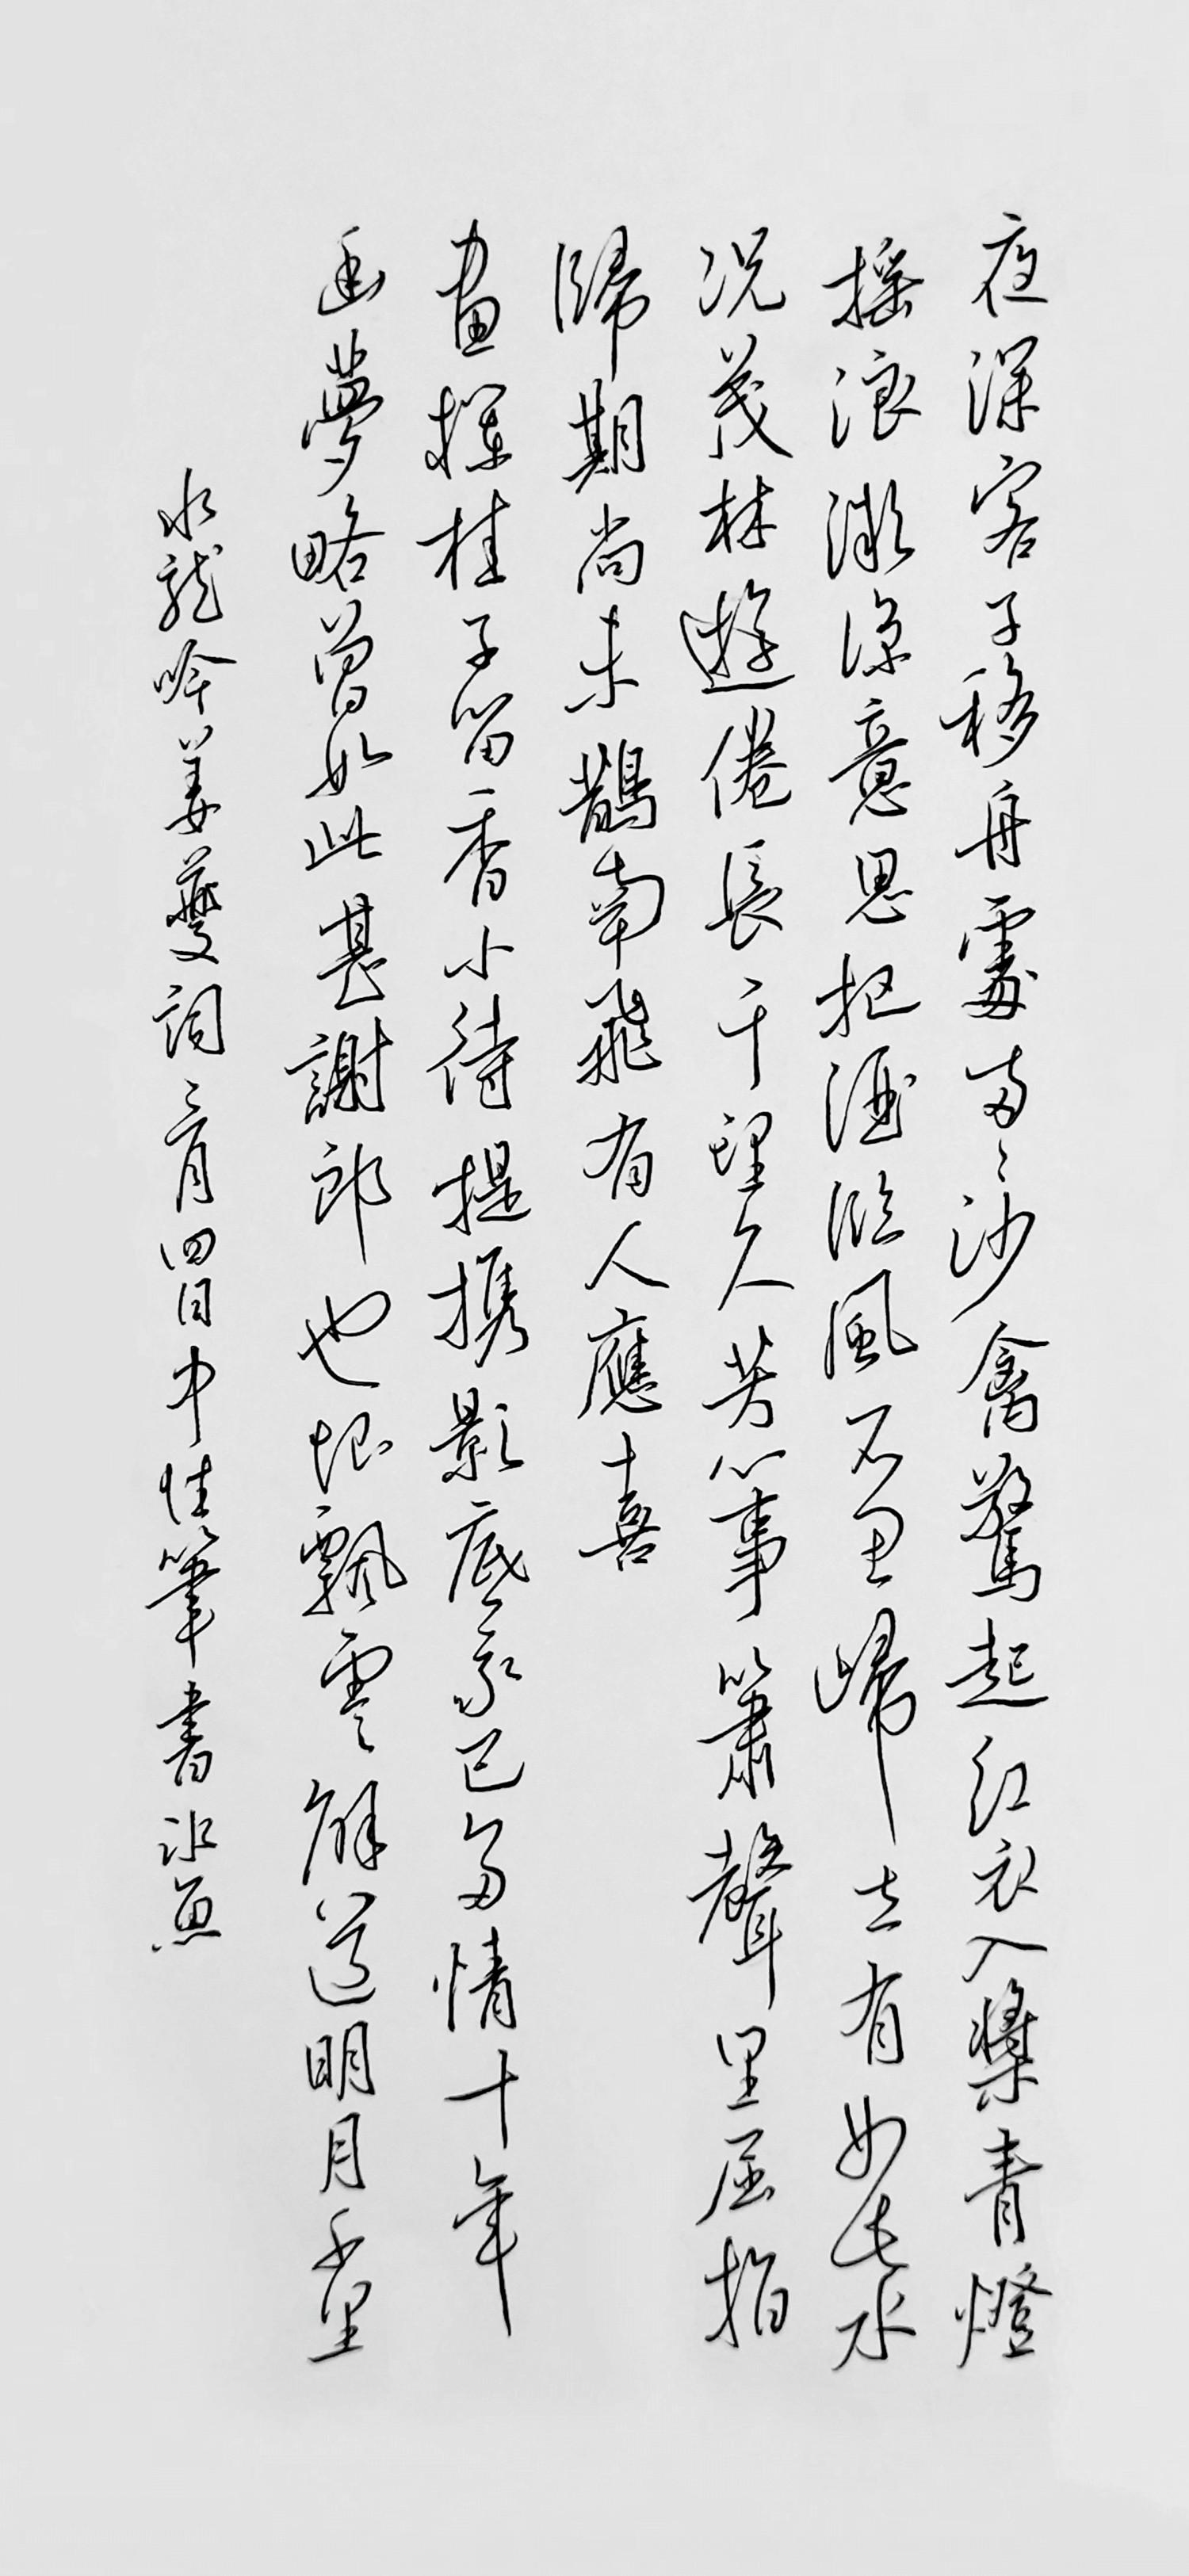 钢笔爱好者练字打卡20210309-11